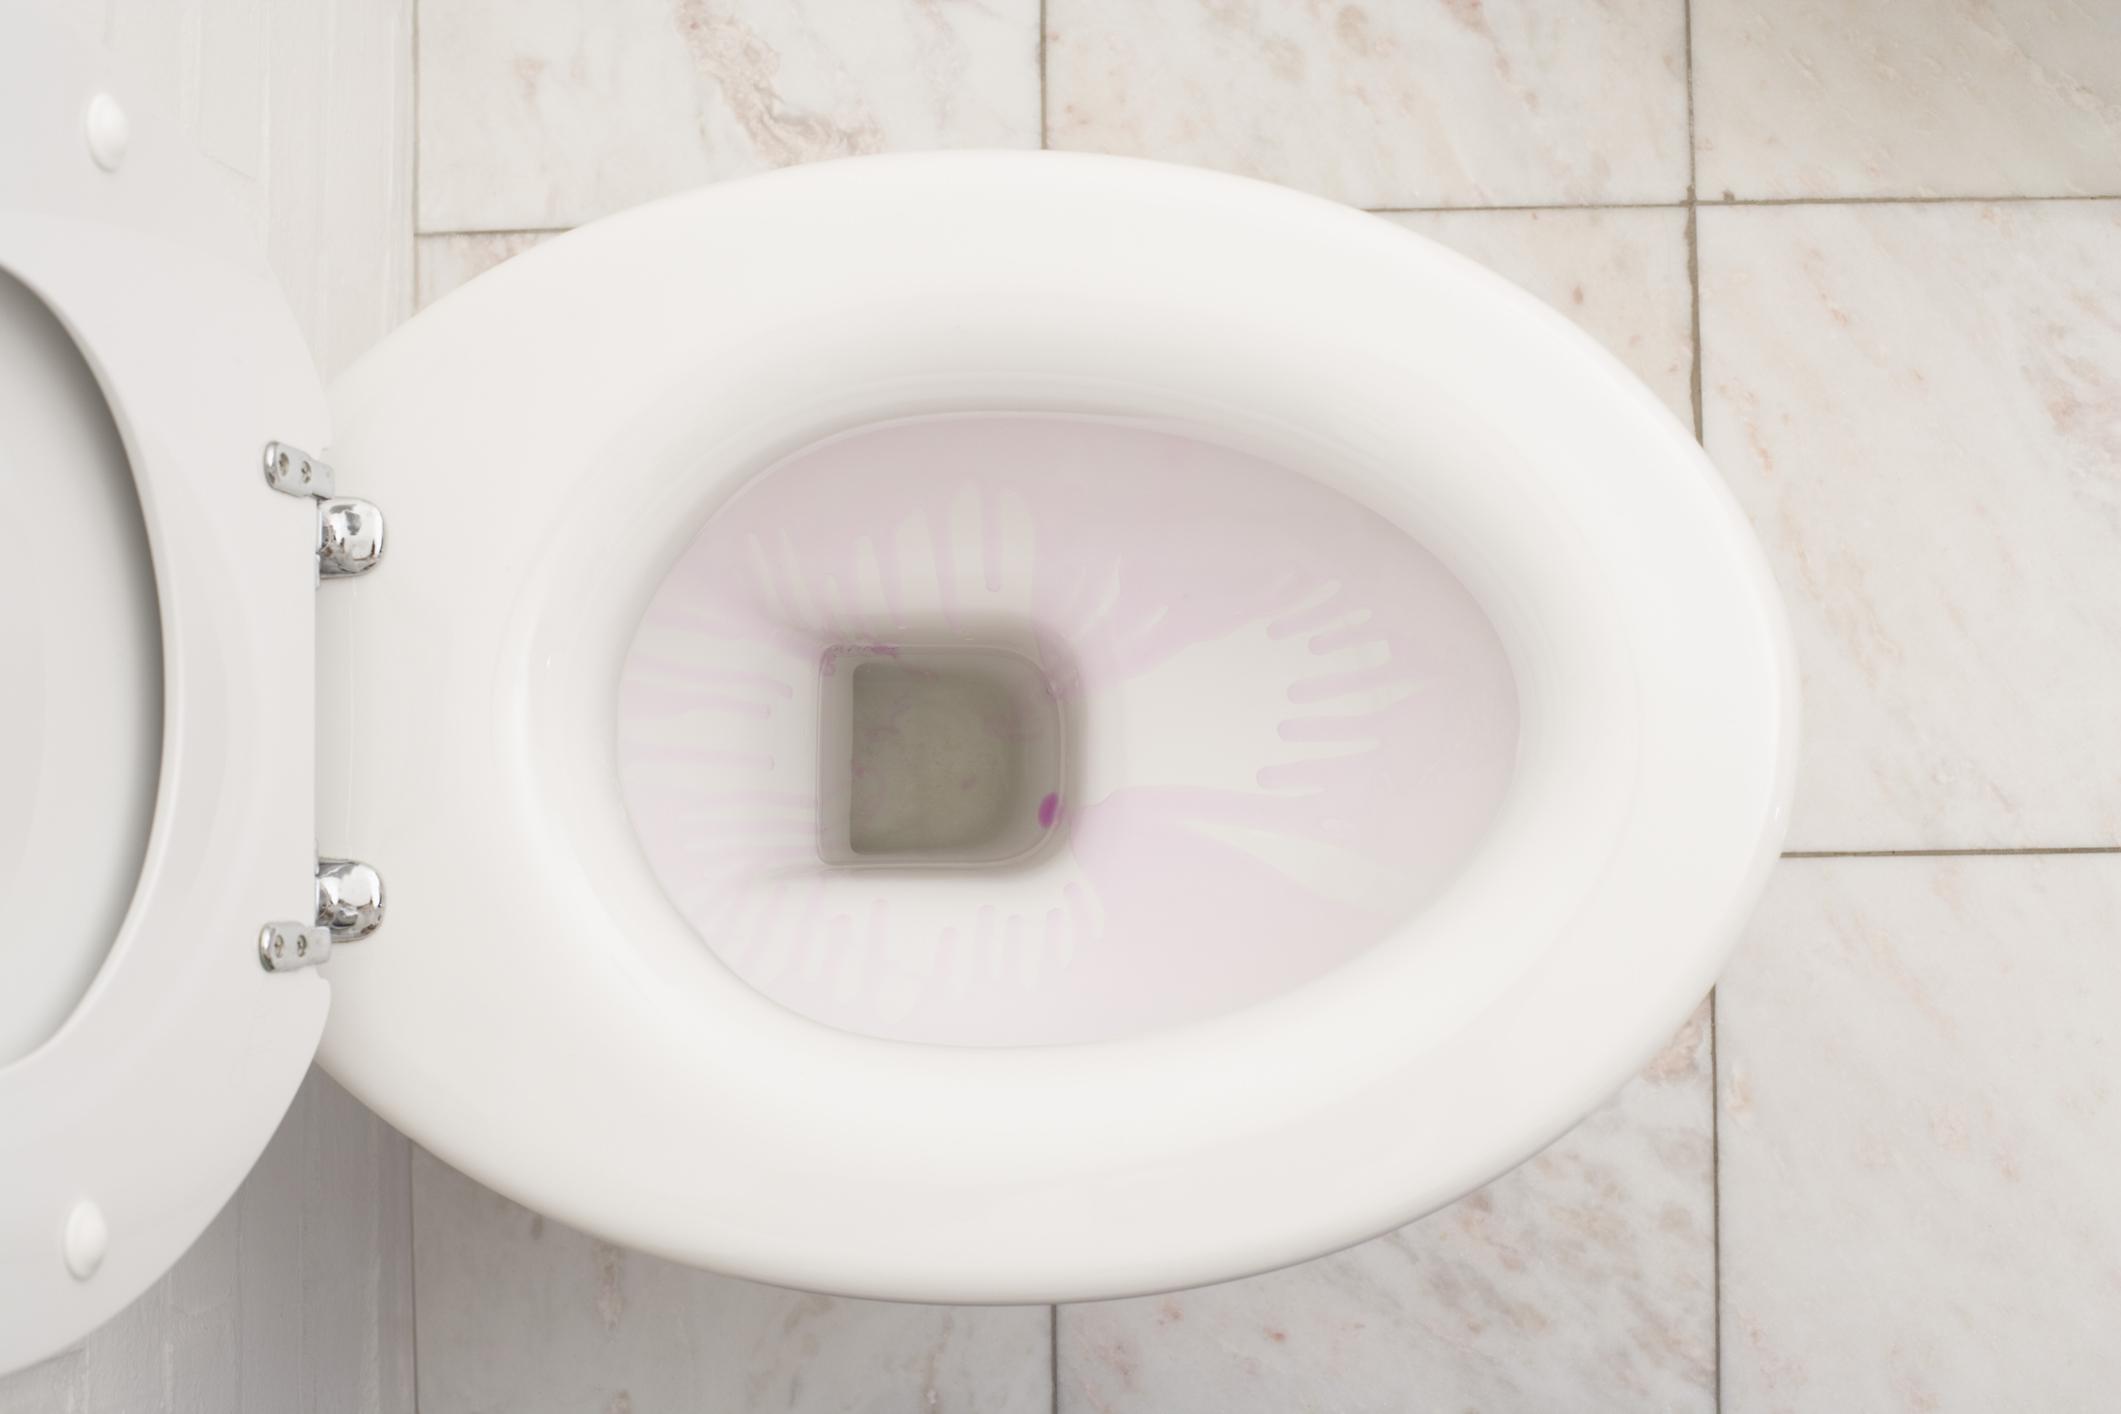 Cómo Arreglar La Base De Un Inodoro Que Tiene Fugas Cuando Se Tira La Cadena